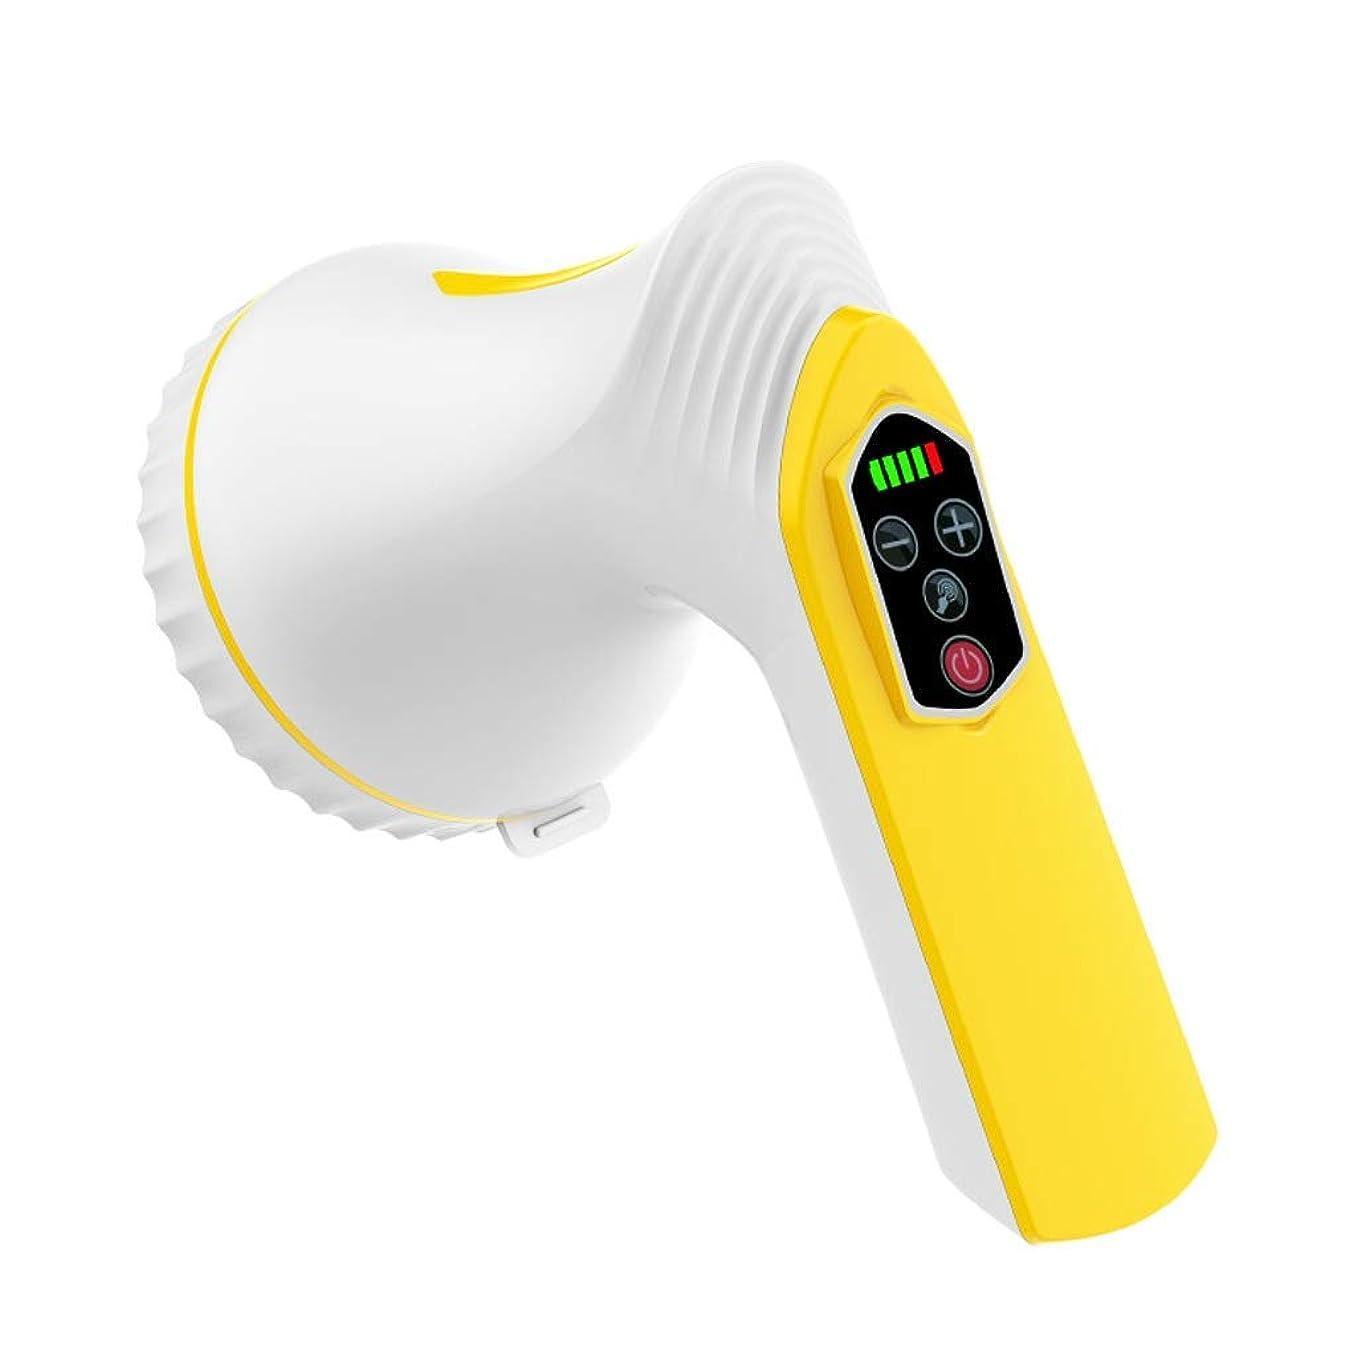 強度絶え間ない商標5つの磁気治療マッサージヘッド、4強度の旅行コードレス脂肪セルライトの除去、女性のための充電式ハンドヘルドスリミングマッサージ器、ホワイト